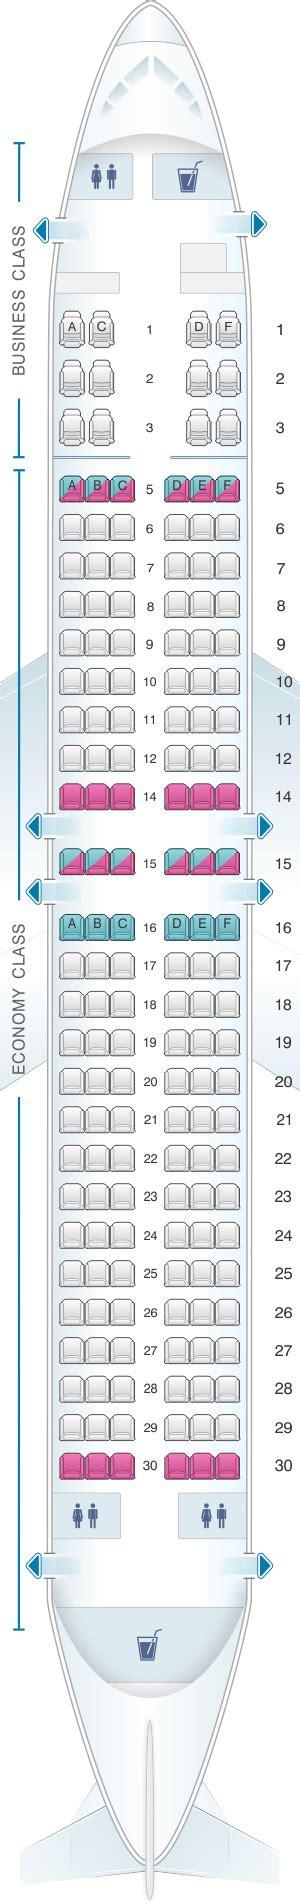 boeing 737 plan sieges plan de cabine silkair boeing b737 800 seatmaestro fr